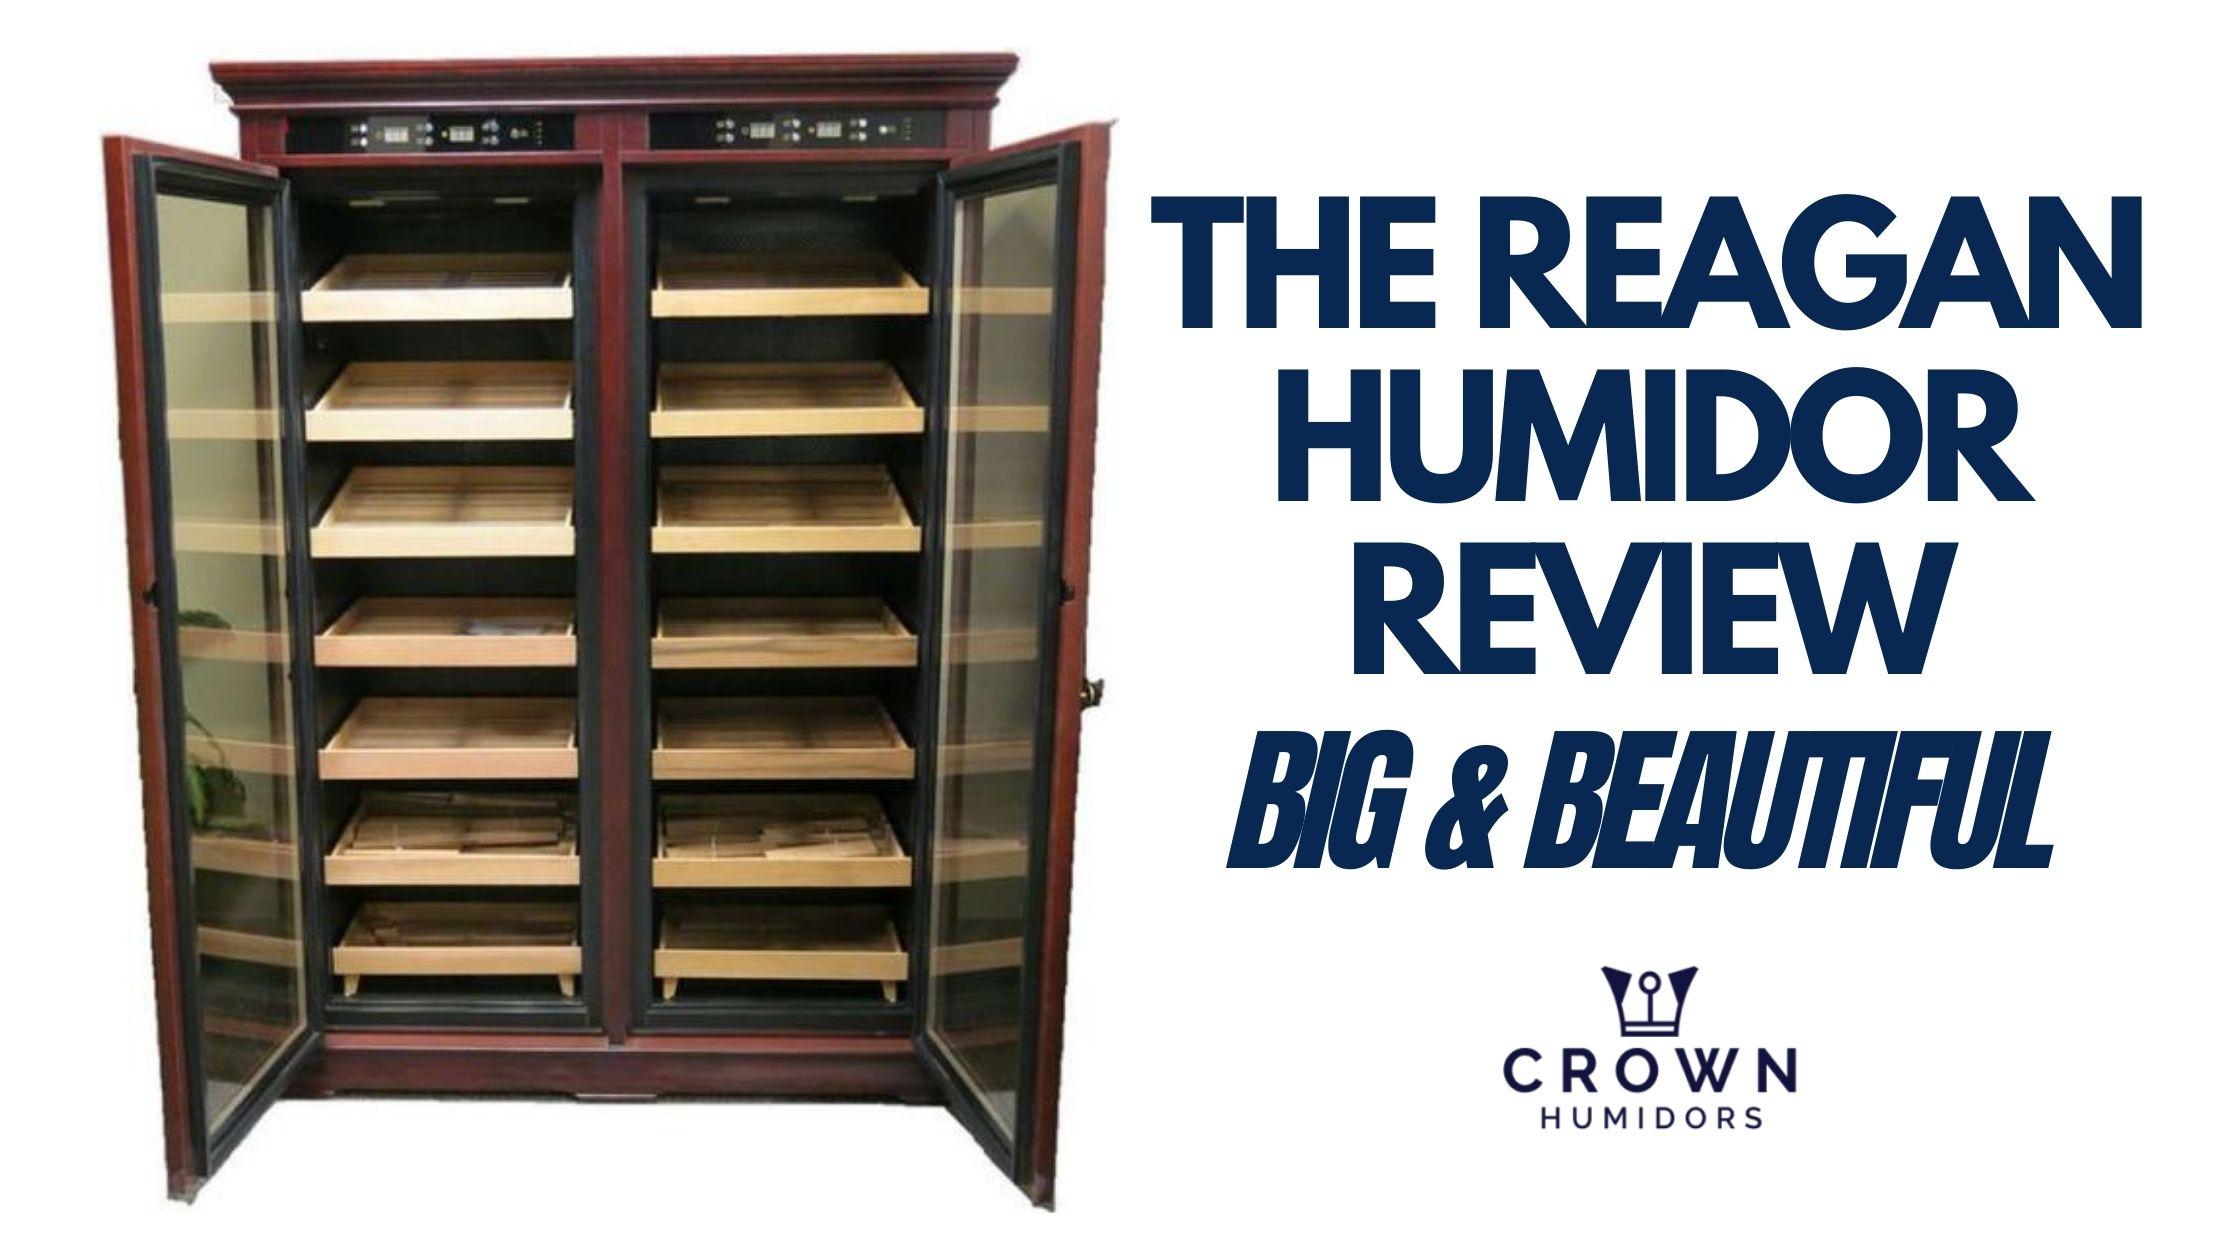 The Reagan Humidor Review- Big & beautiful